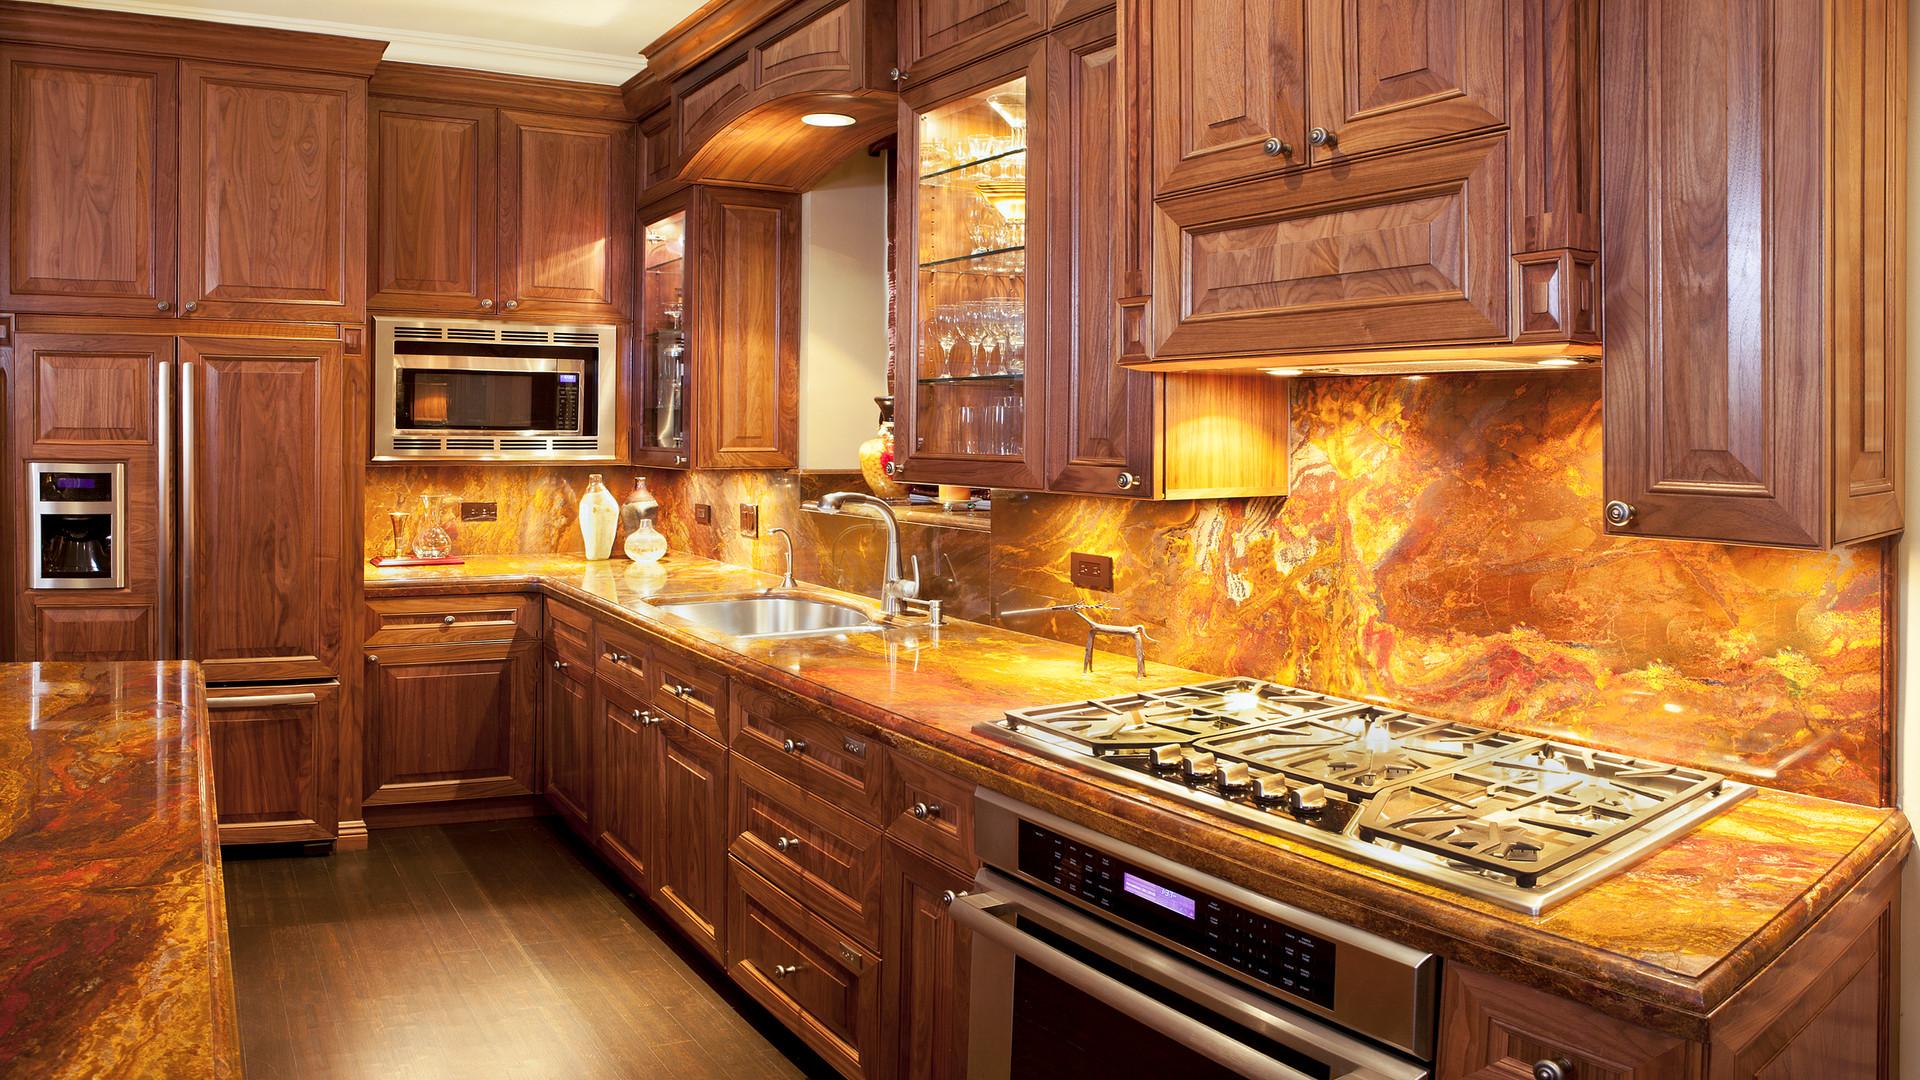 luxury-contemporary-kitchen-17328194.jpg